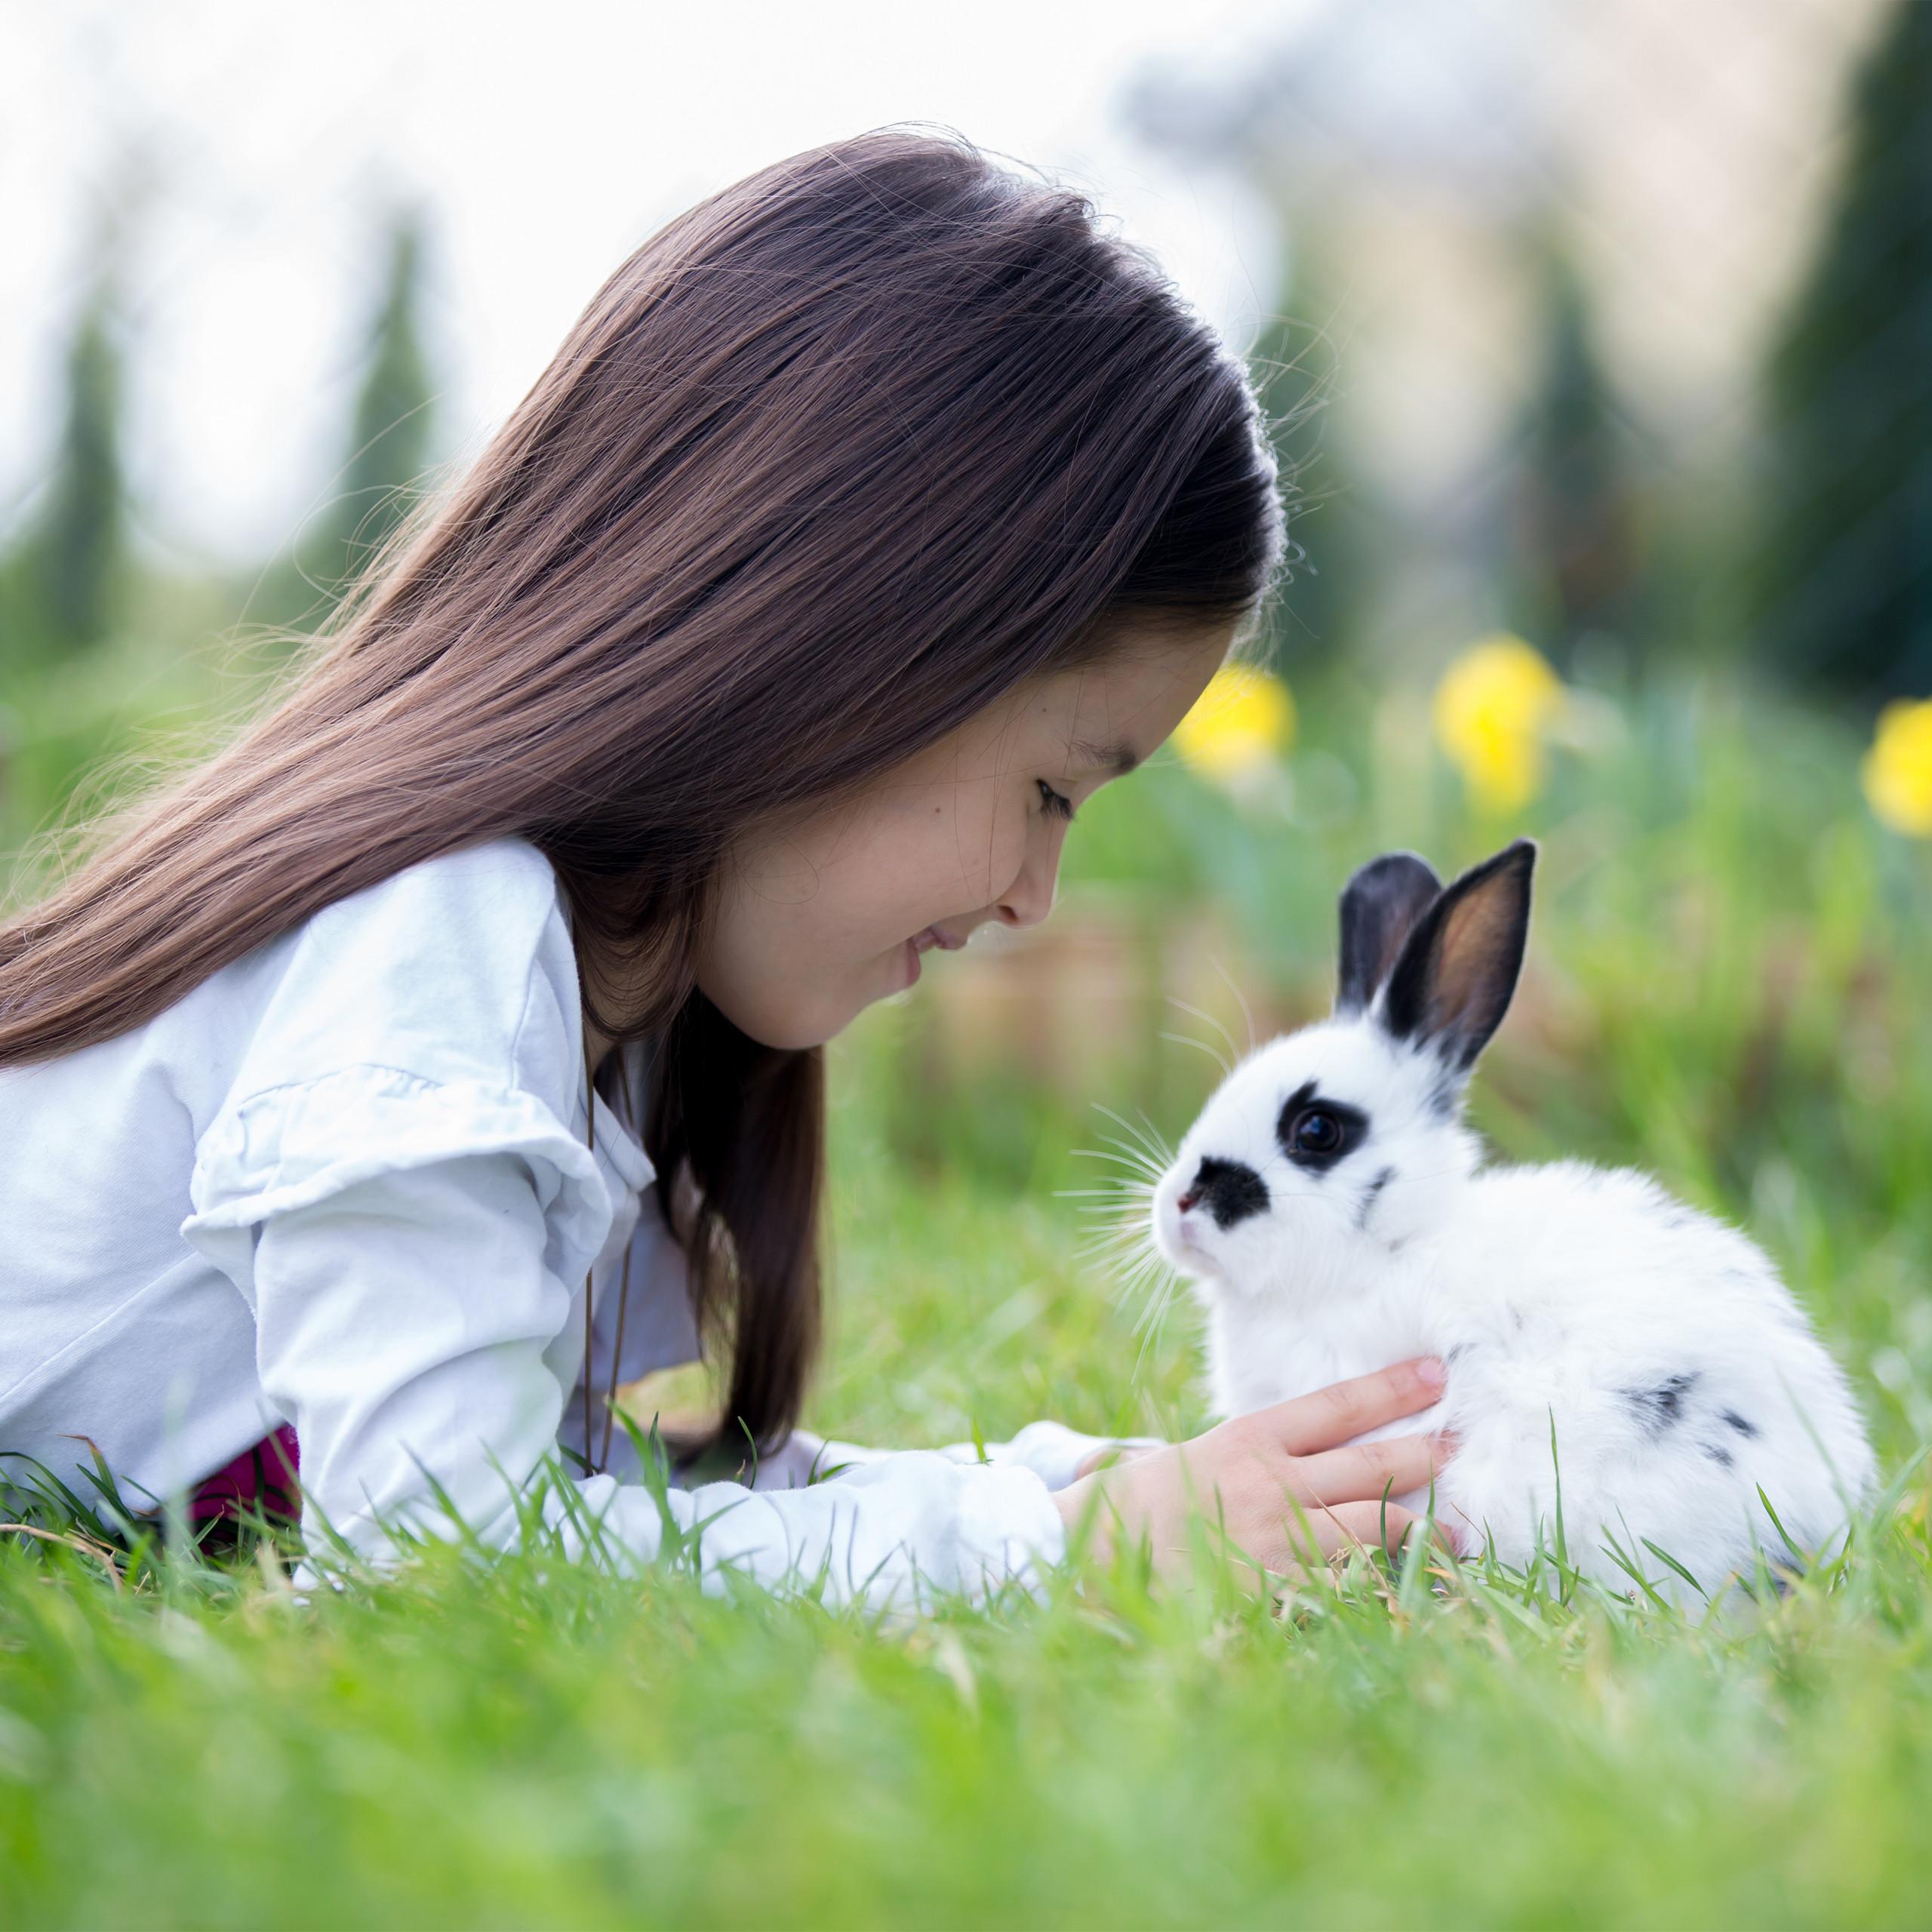 Freilaufgehege-Kaninchen-Huhner-Freigehege-Hasengehege-Huhnerauslauf-220cm-Stahl miniatuur 5